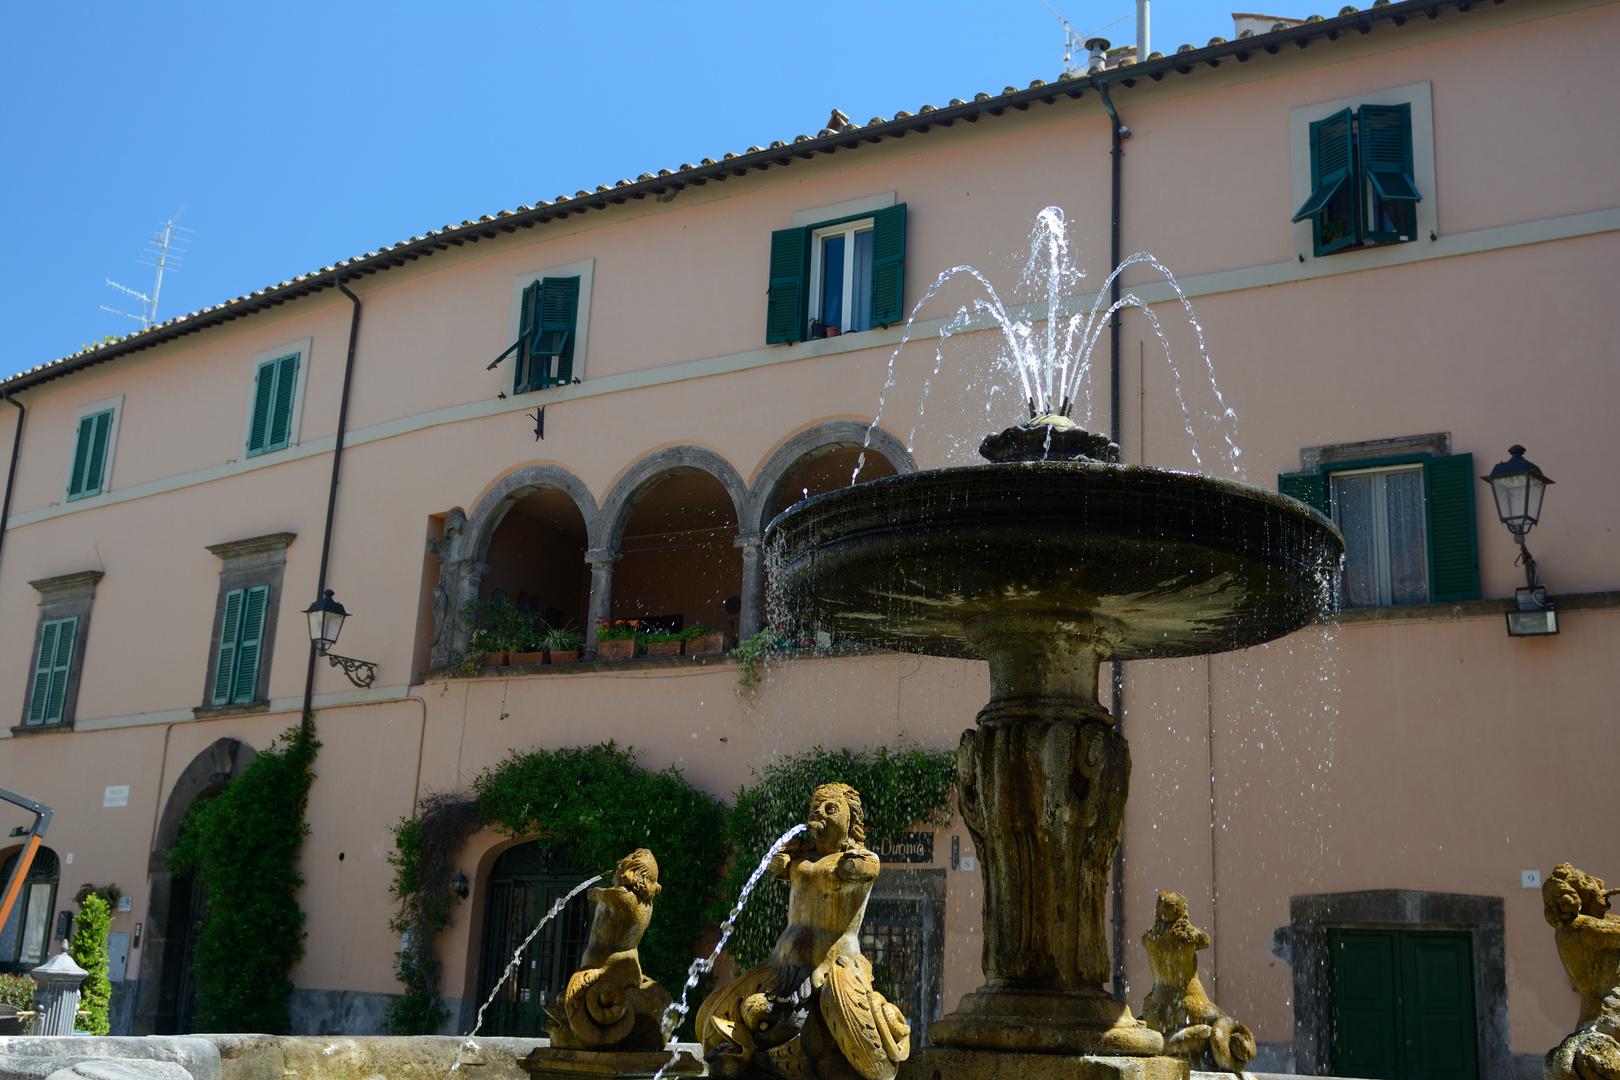 Brunnen im Schatten einer Villa Tuscania